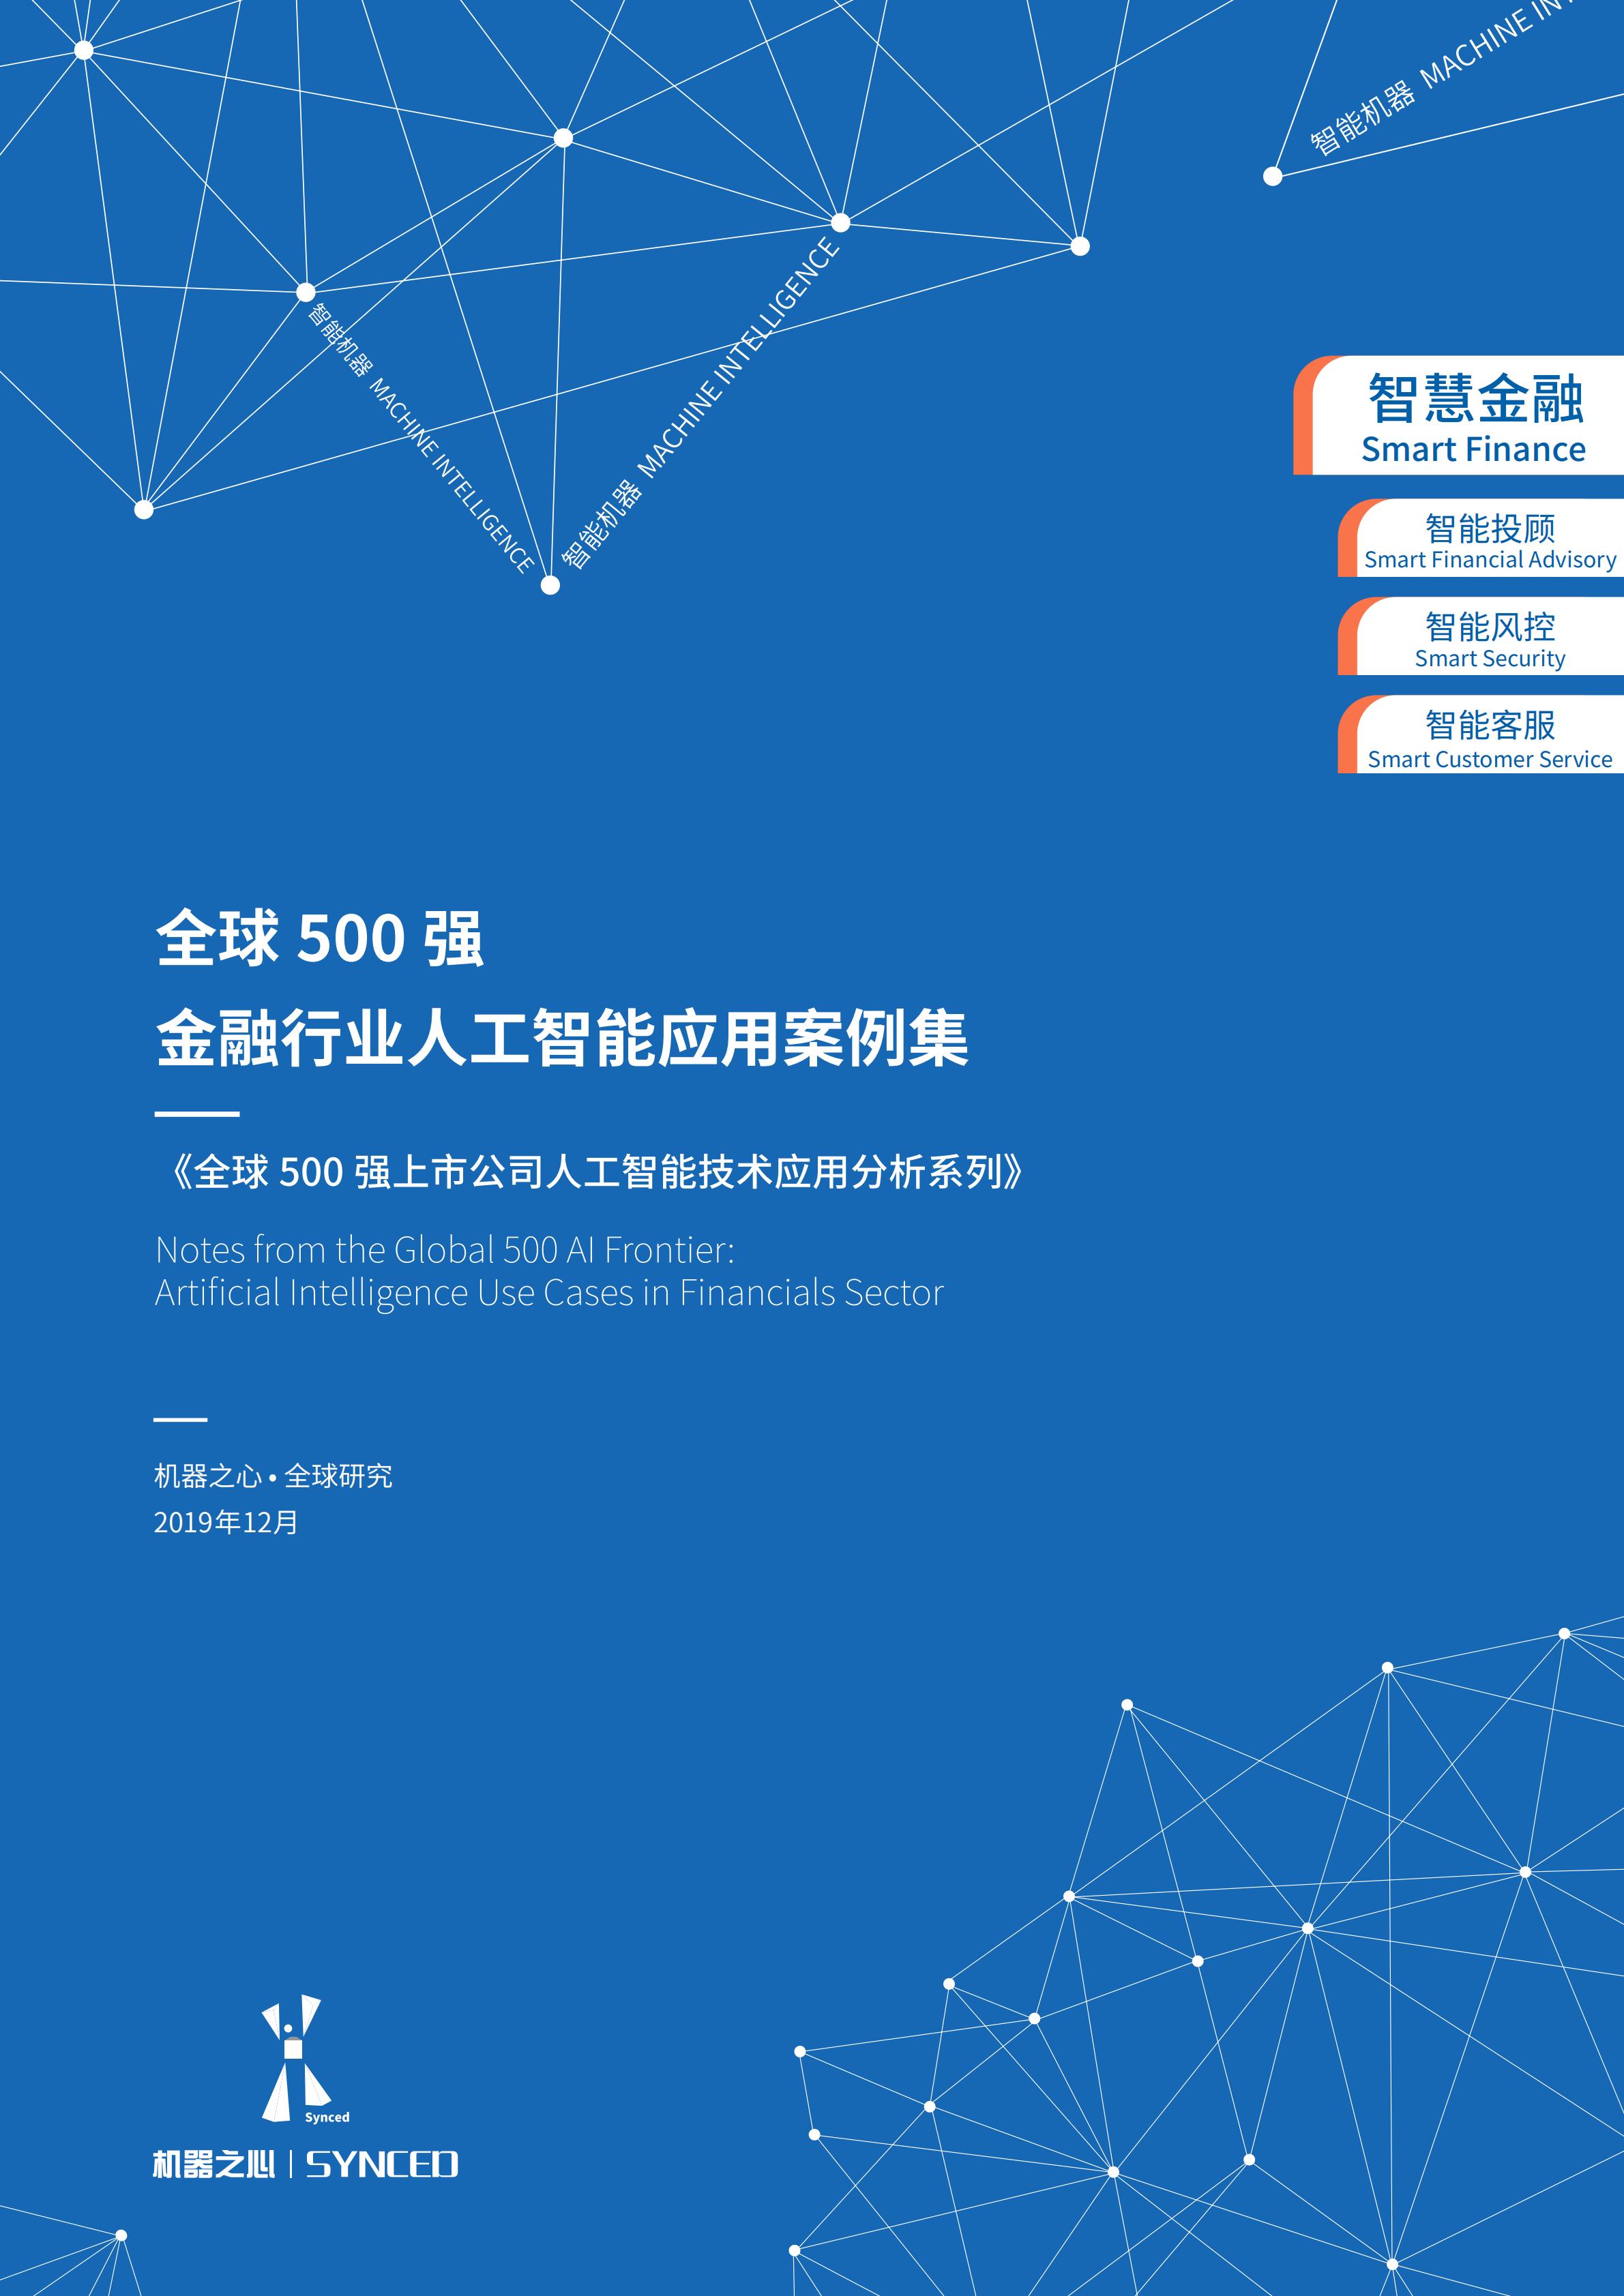 全球500强金融行业人工智能应用案例集